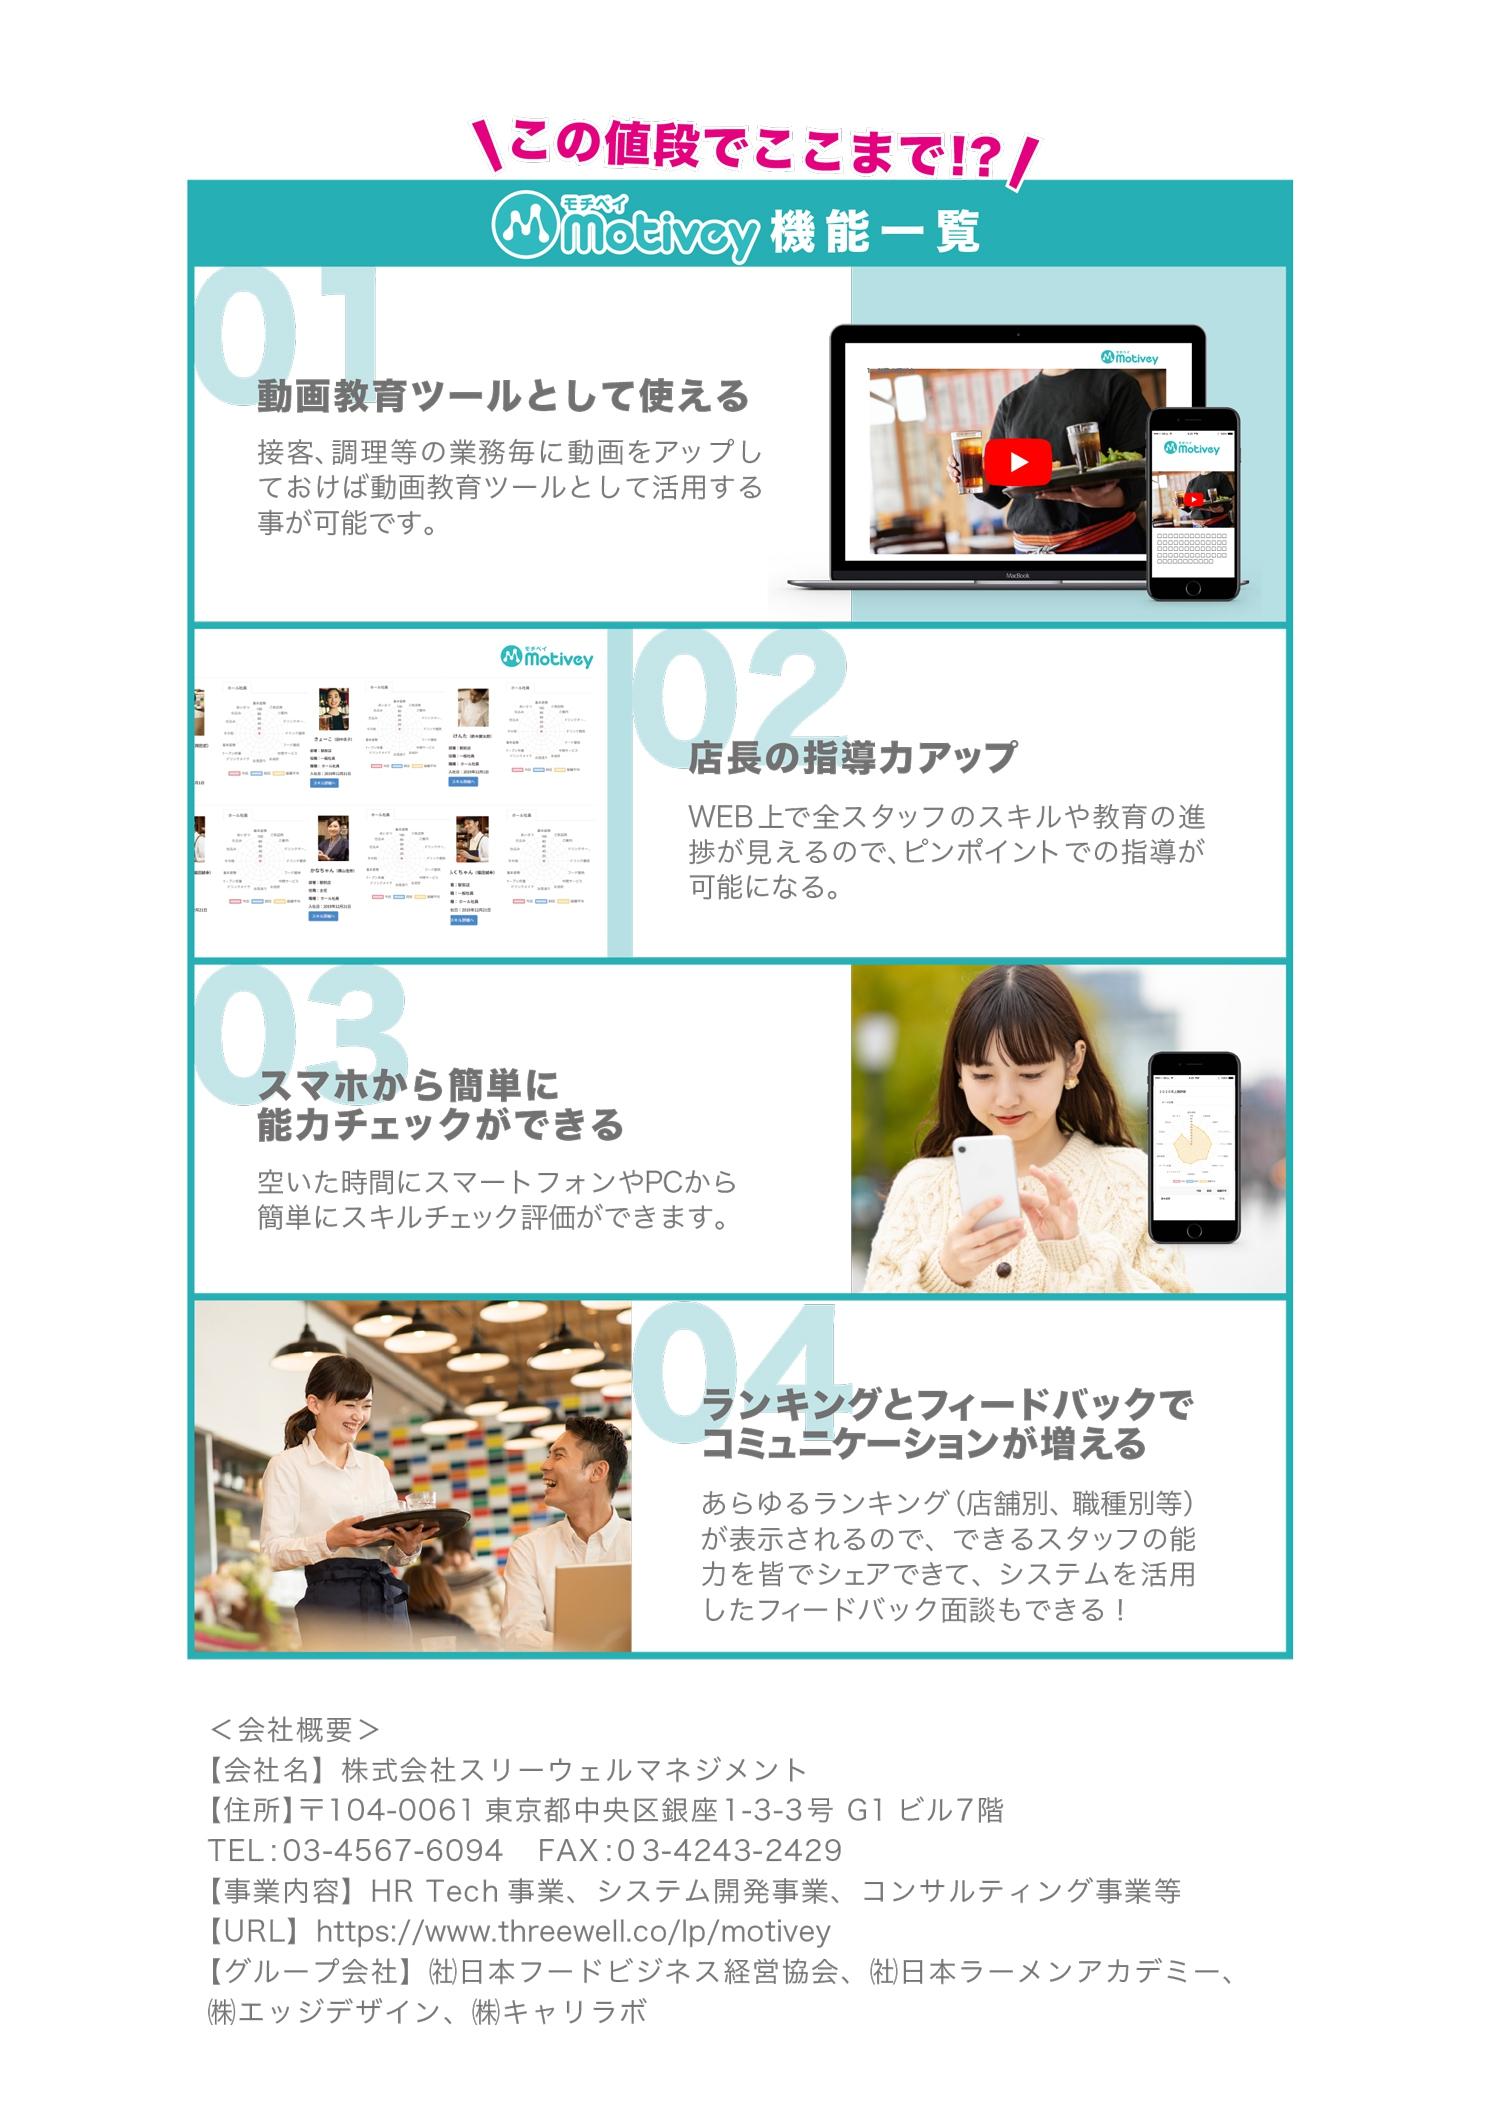 モチベイ 飲食店の評価&教育制度アプリ